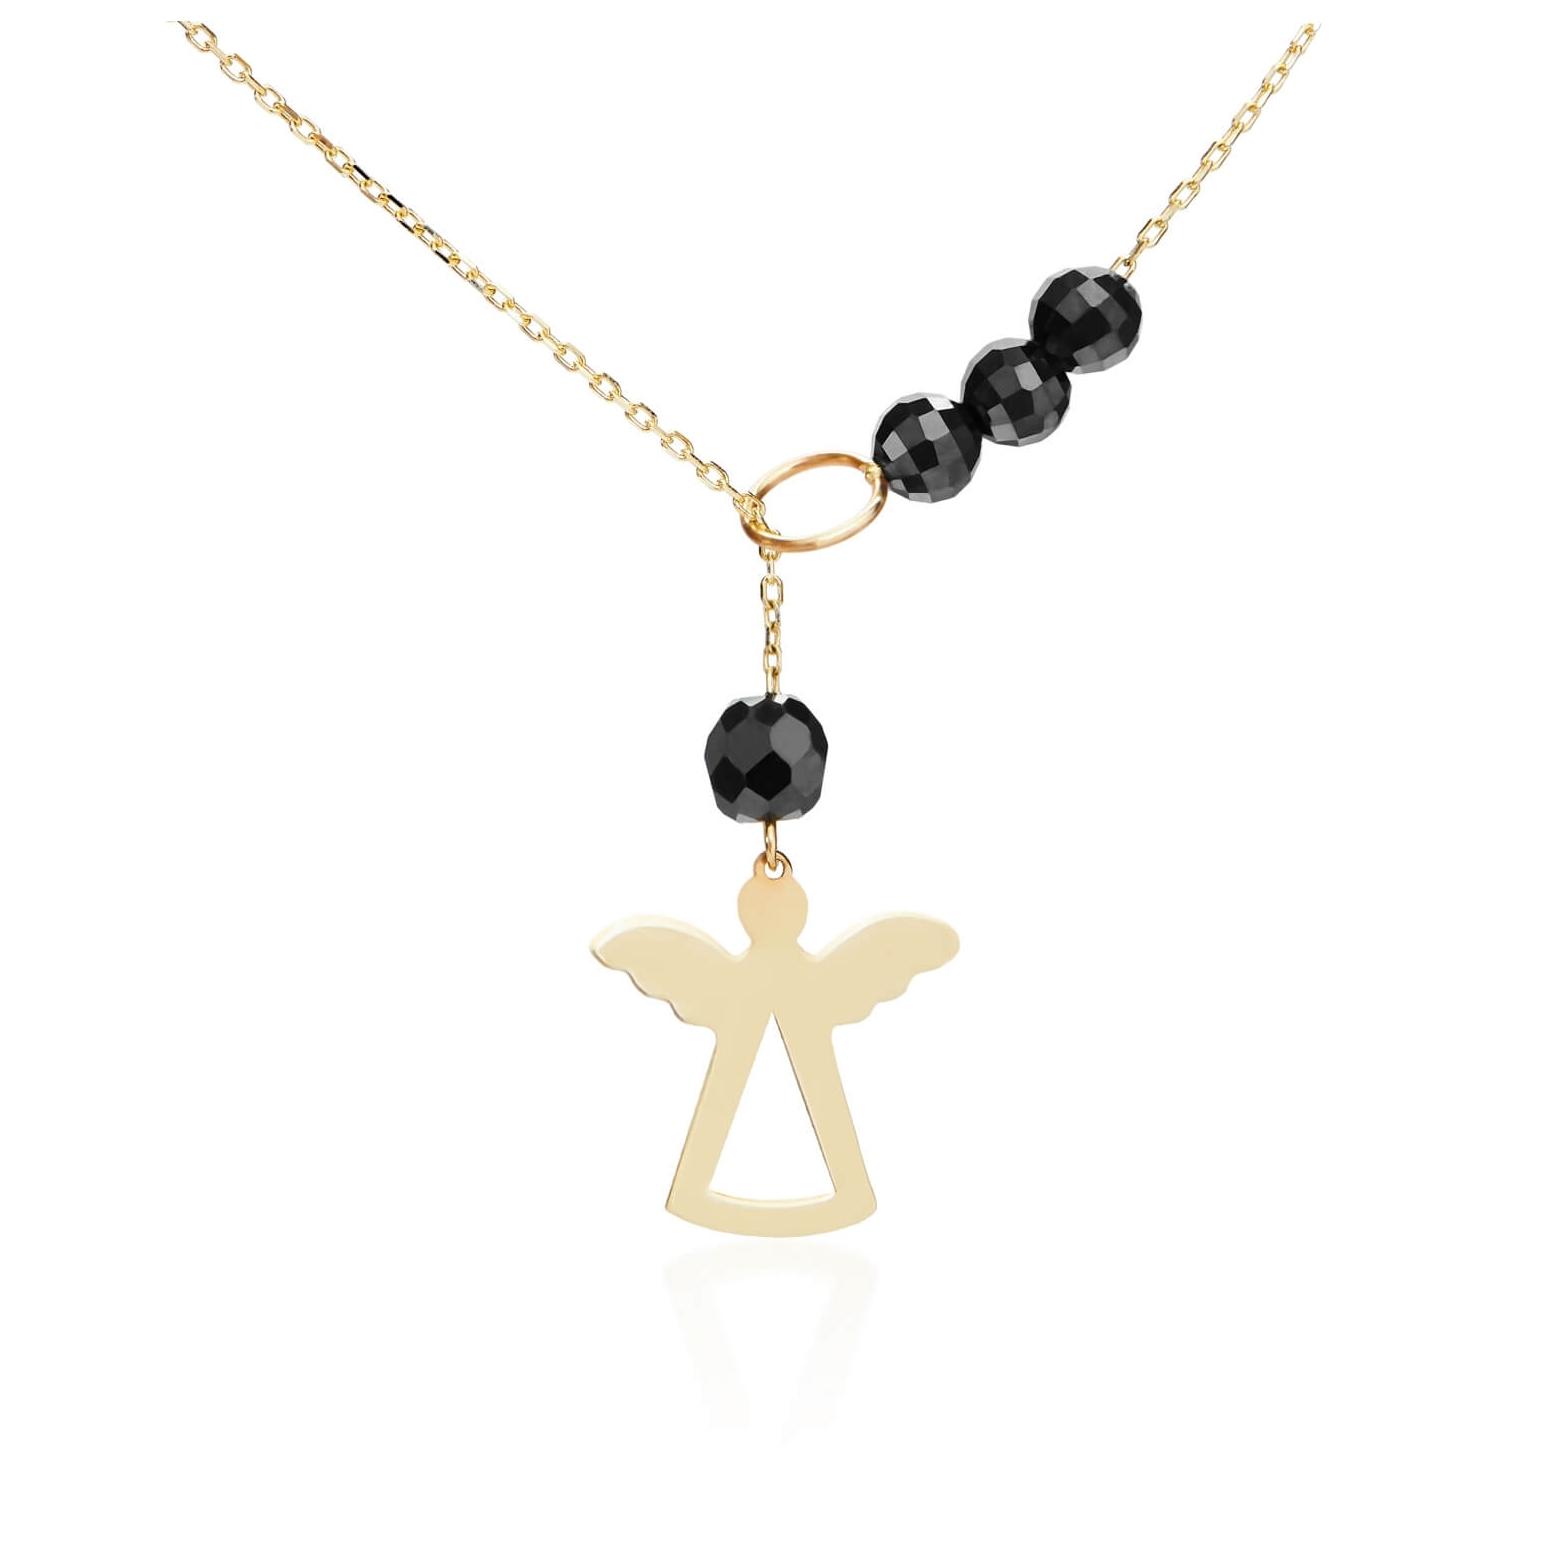 a21120b14235bc Złoty łańcuszek celebrytka z aniołkiem - C.303 - ERgold